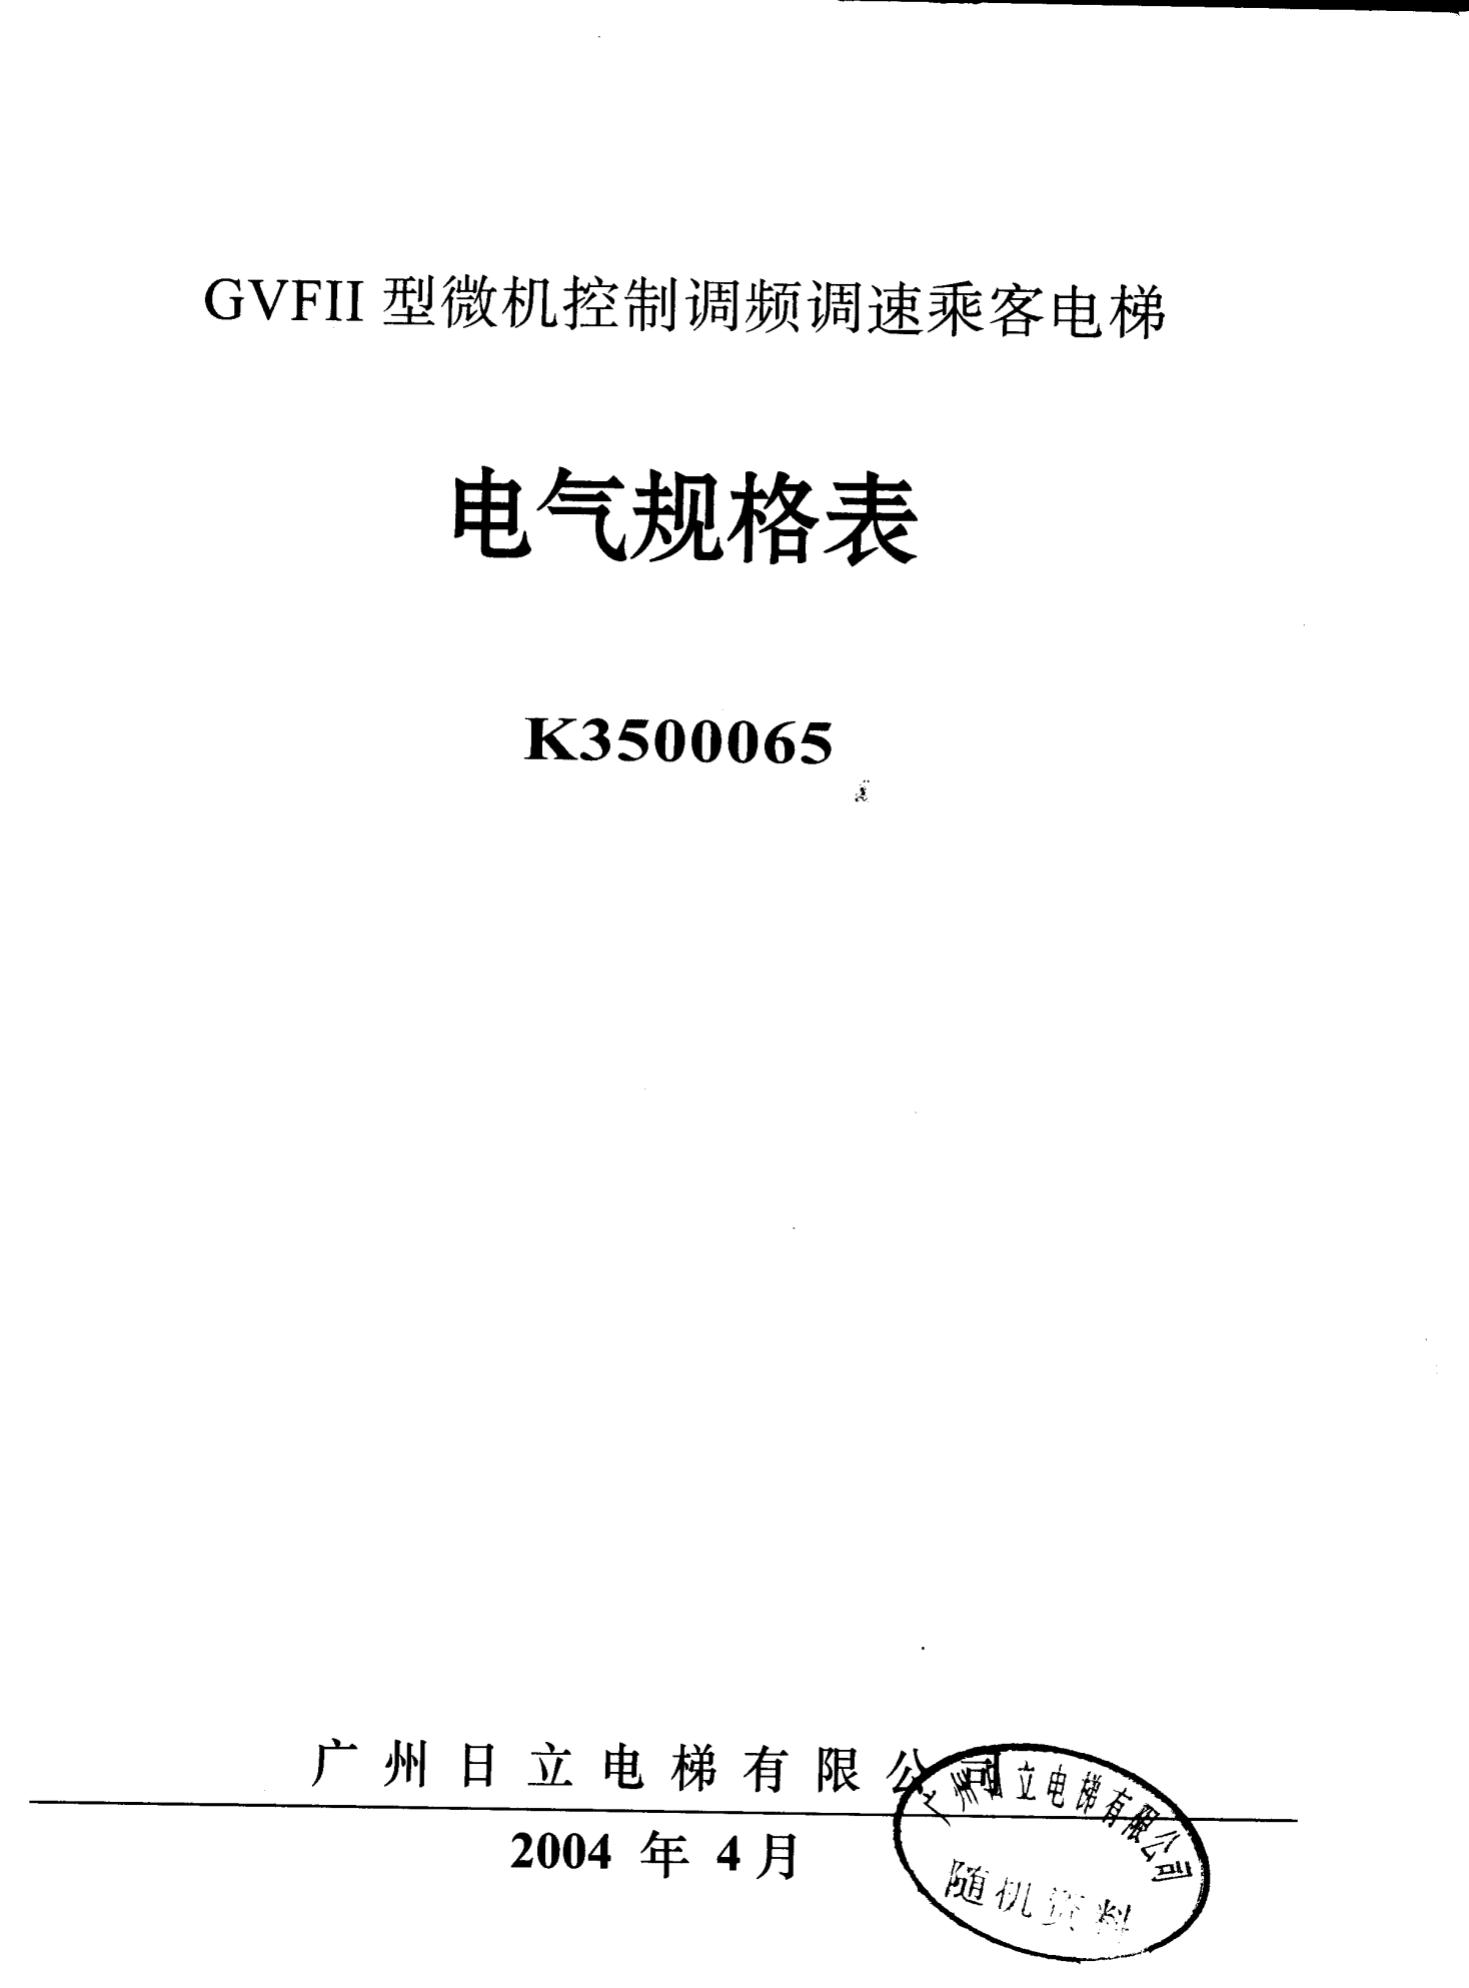 日立电梯GVF-2